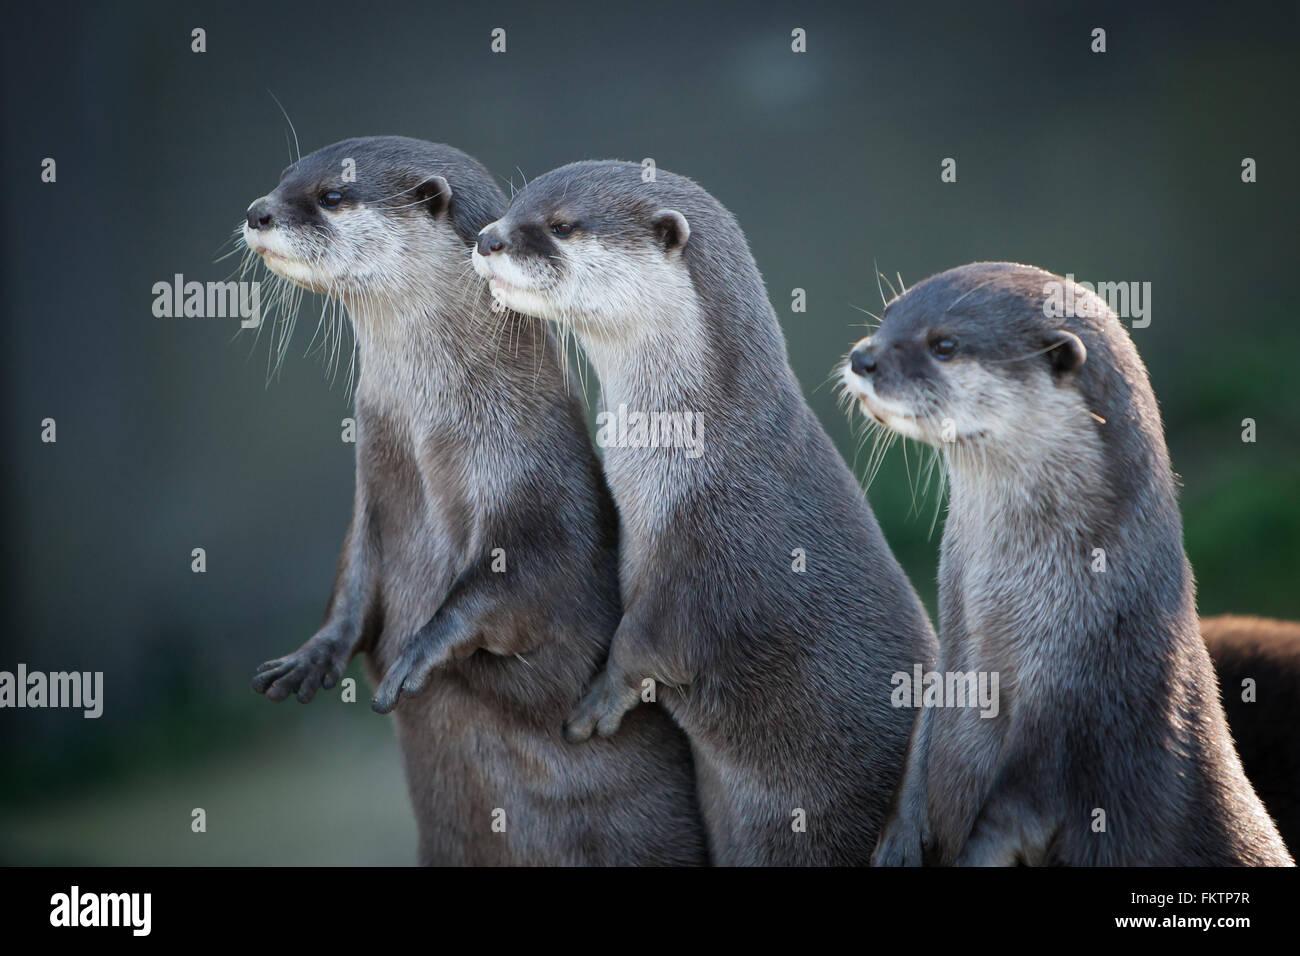 Tres pequeñas garras nutrias asiáticas cautivo mirando en la distancia. Imagen De Stock